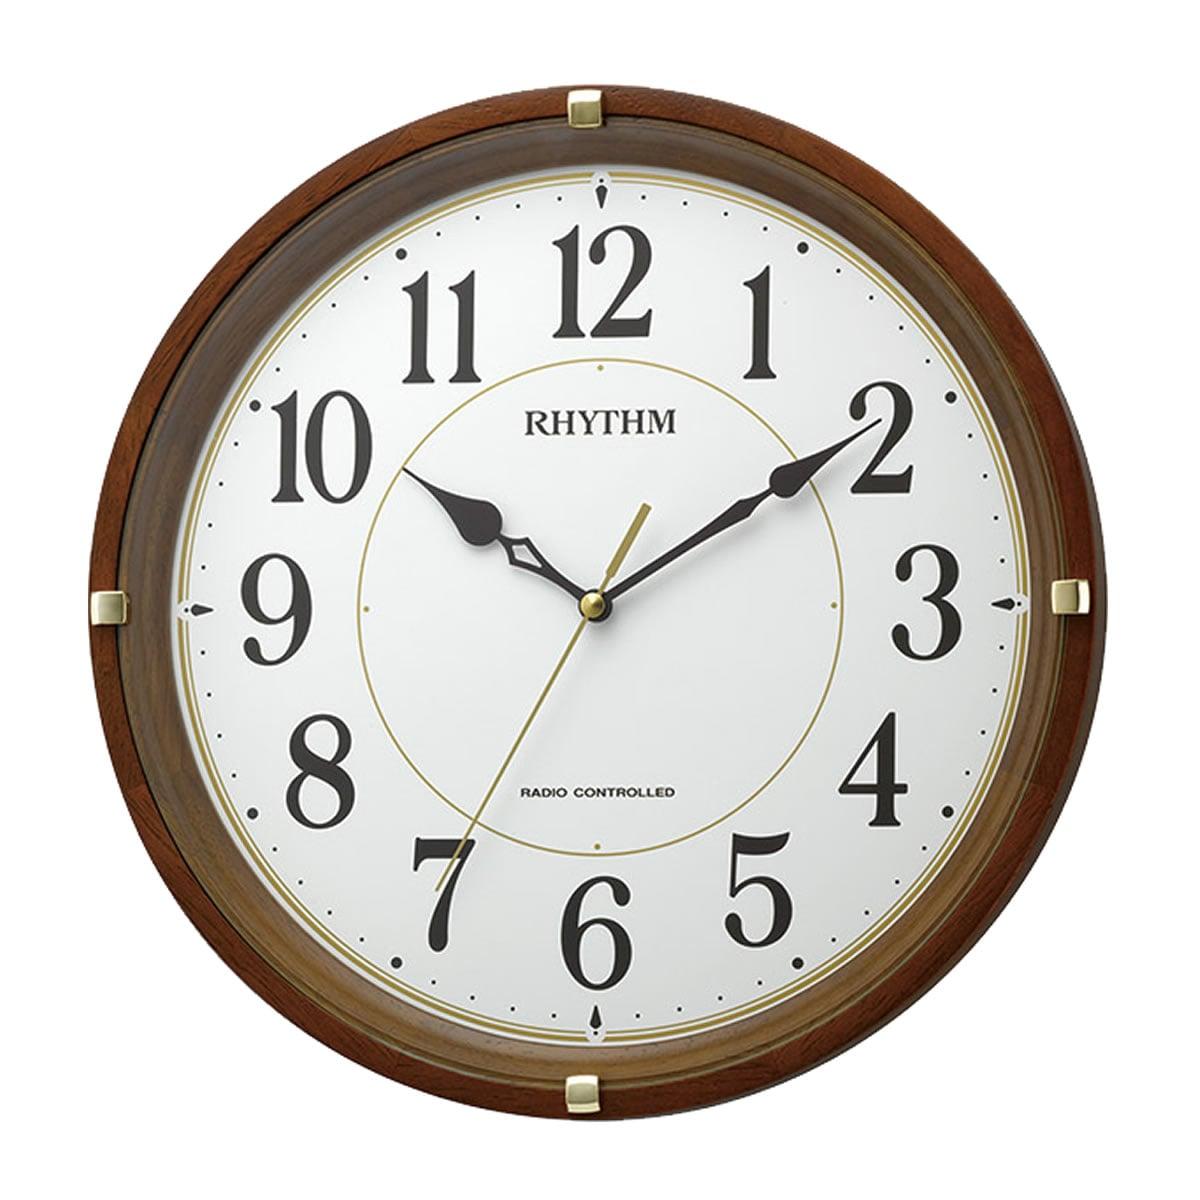 RHYTHM(リズム) 電波掛け時計 フィットウェーブライキー 茶色 8MYA32SR06